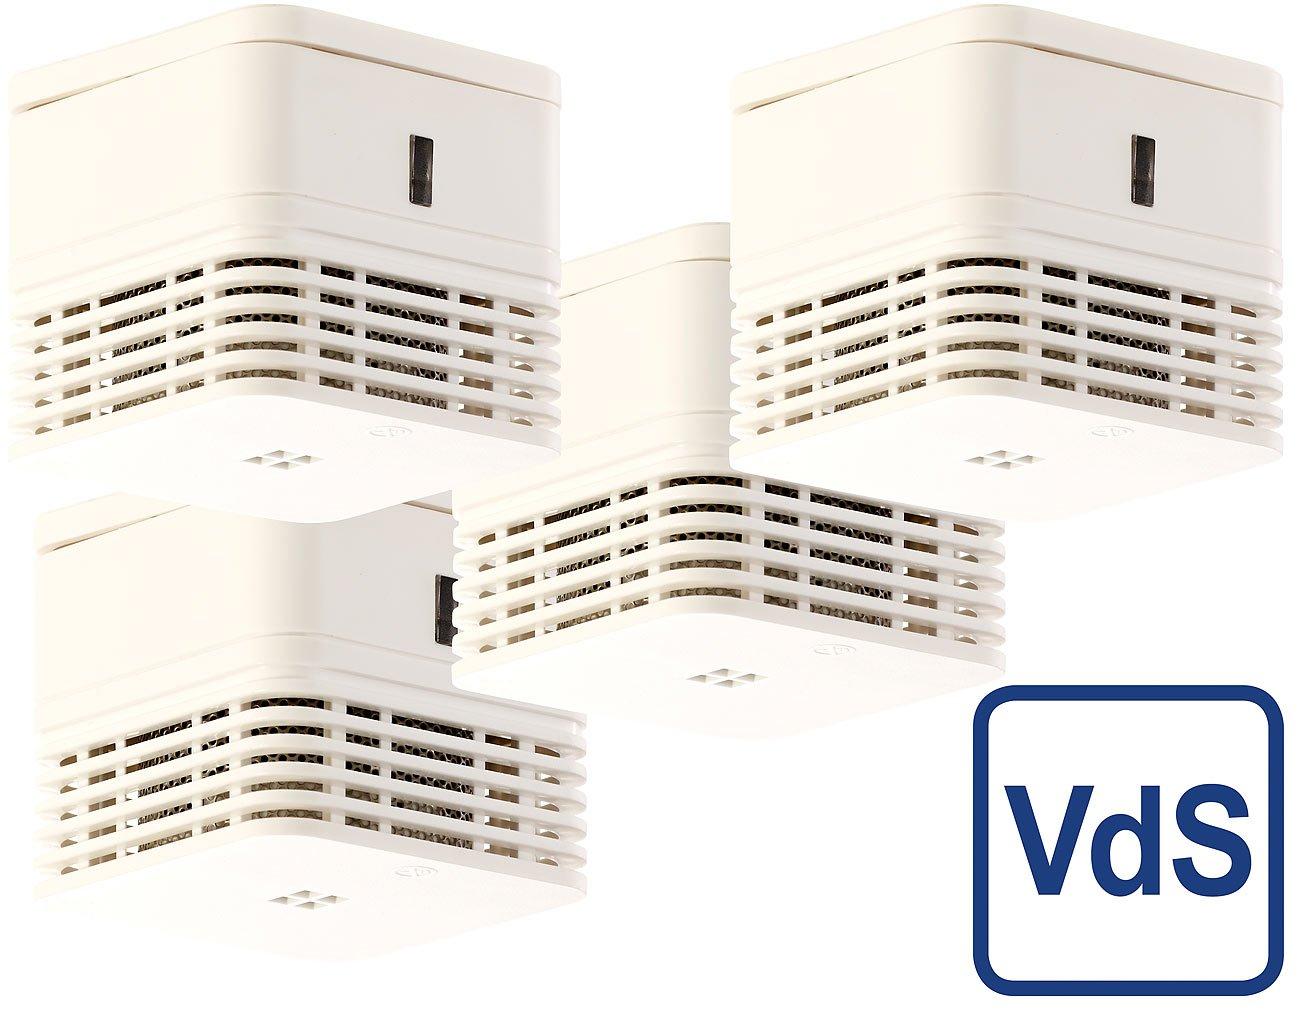 VisorTech Designer Rauchmelder: Mini-Rauchwarnmelder mit 10-Jahres-Batterie, VDs-Zertifiziert, 4er-Set (Batteriebetriebener Rauchmelder)